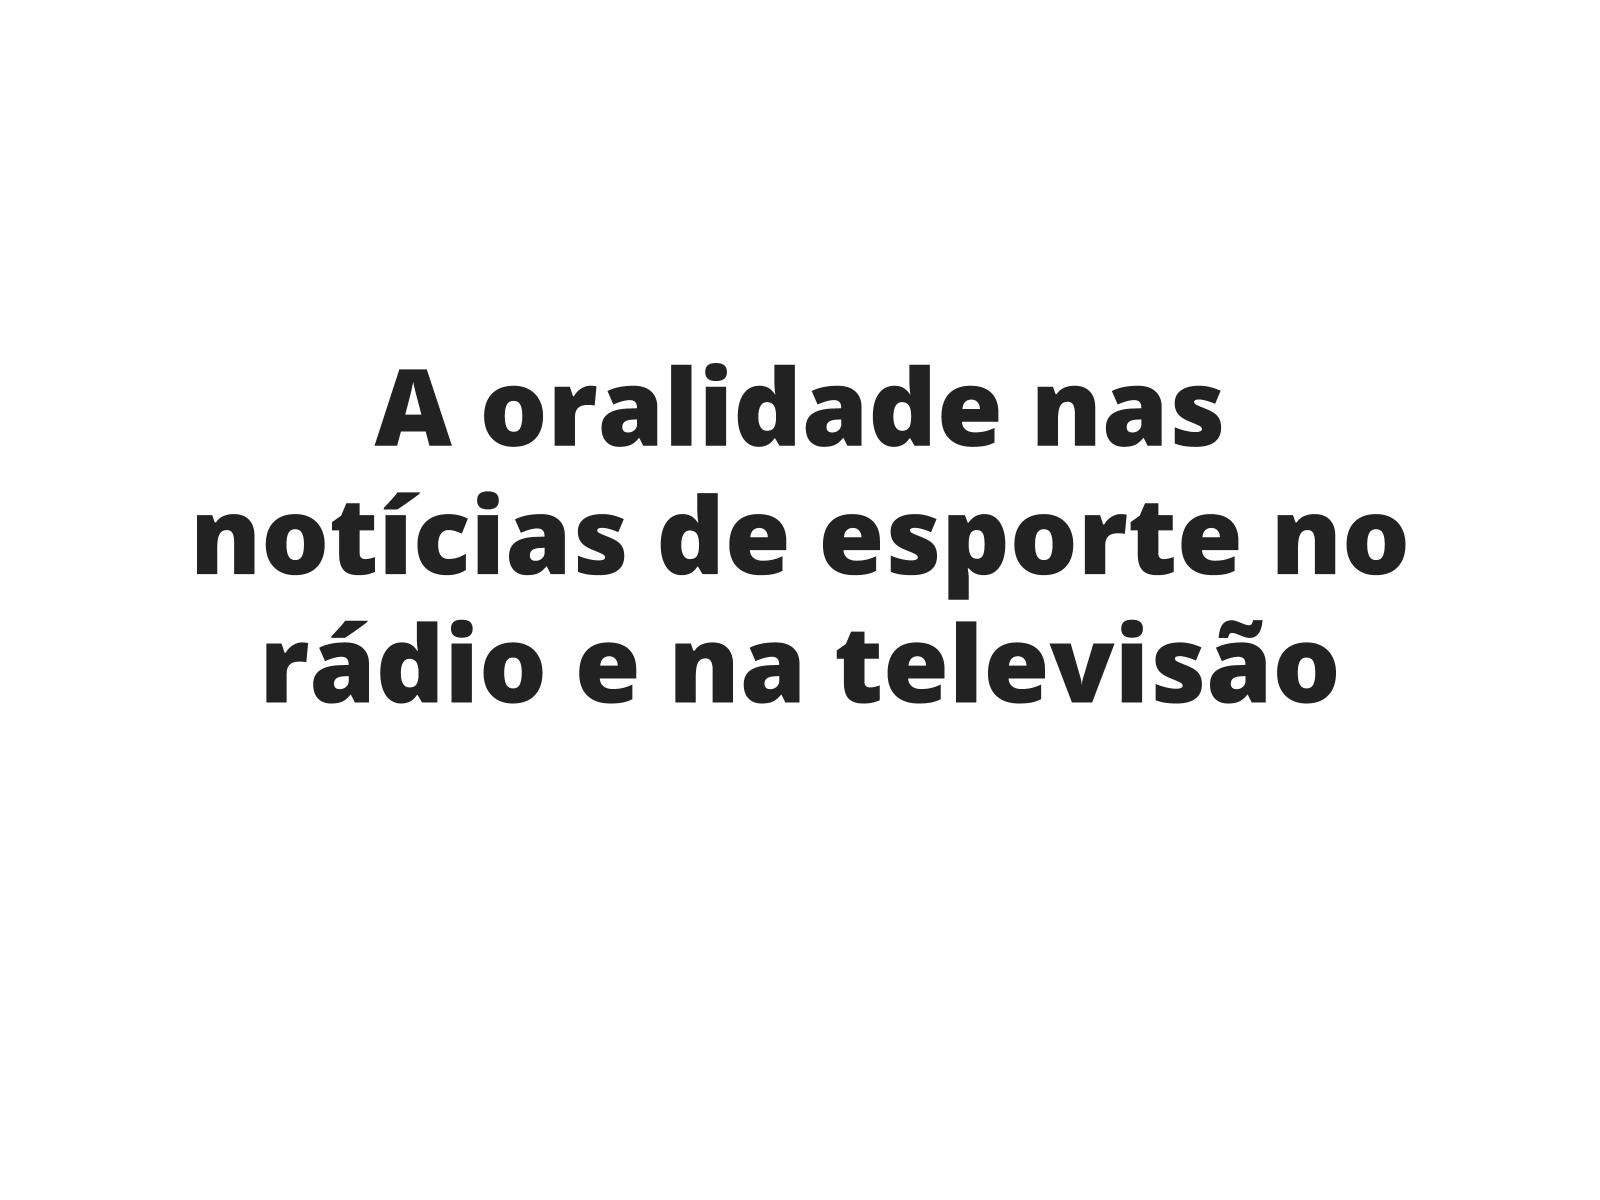 Oralidade em programas de esportes no rádio e na televisão